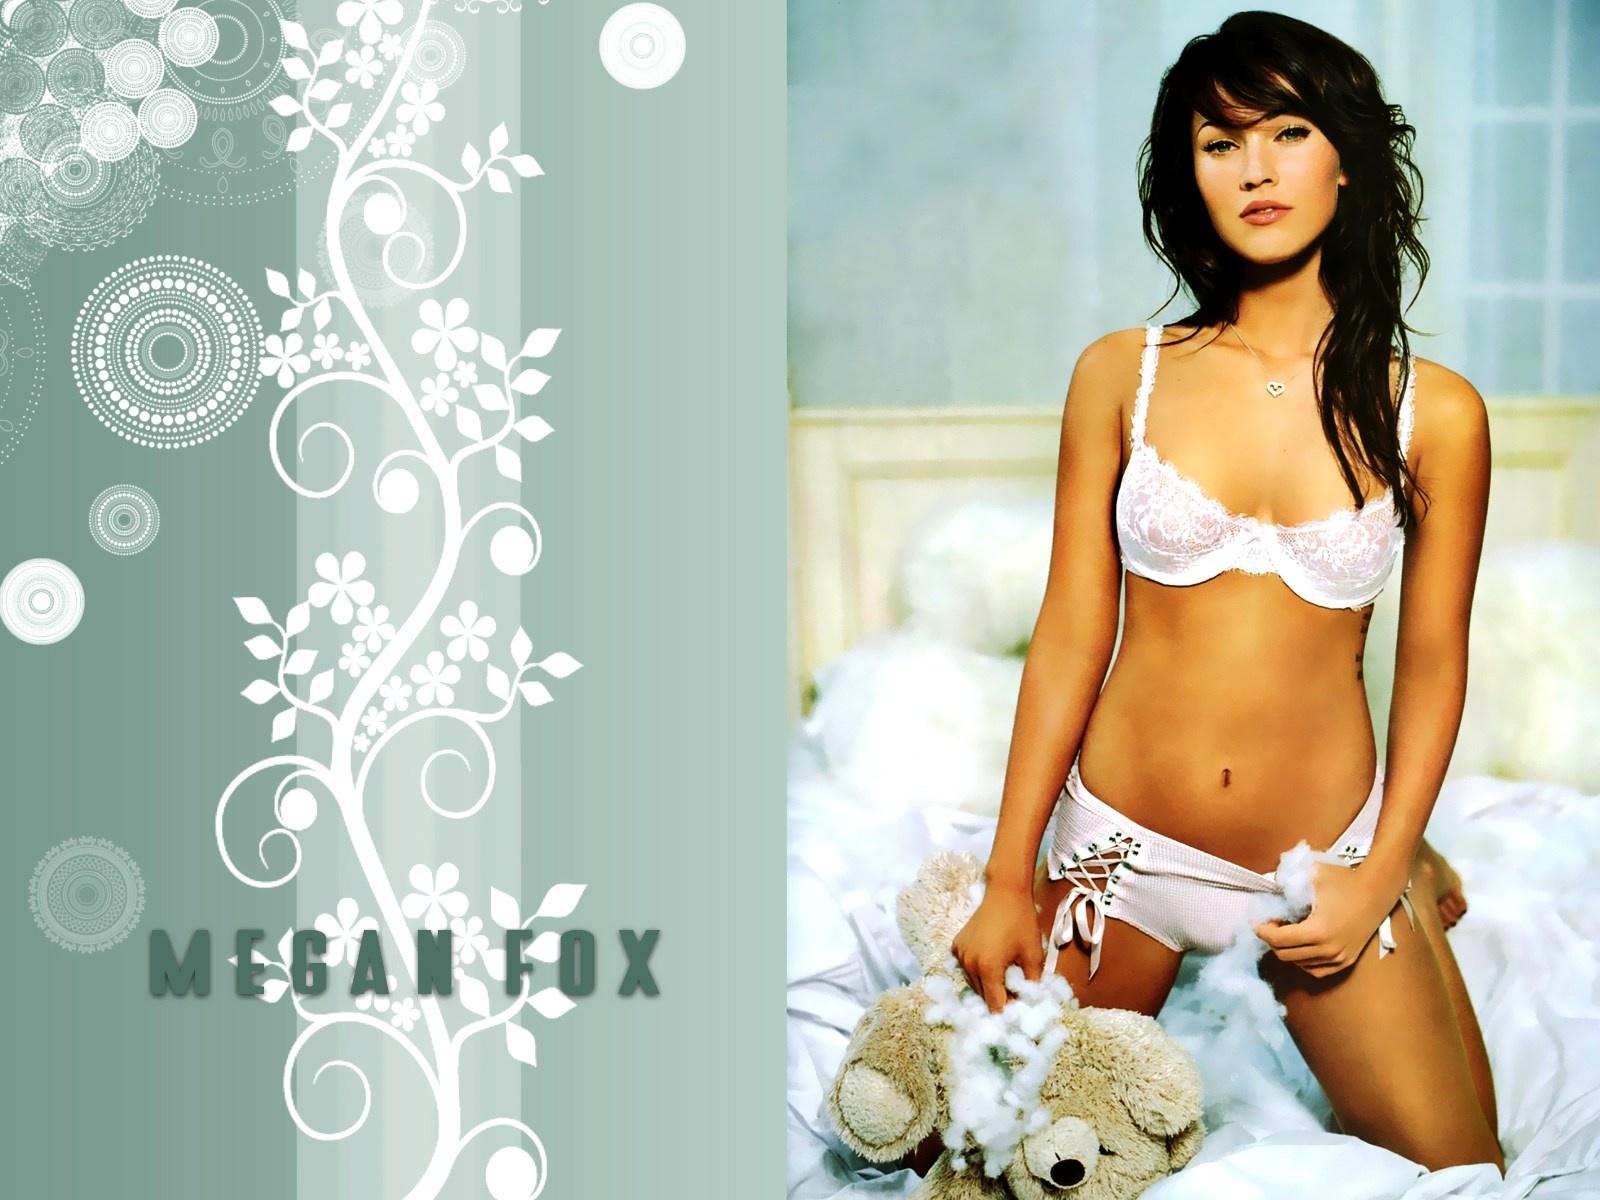 Megan Fox wallpaper HD